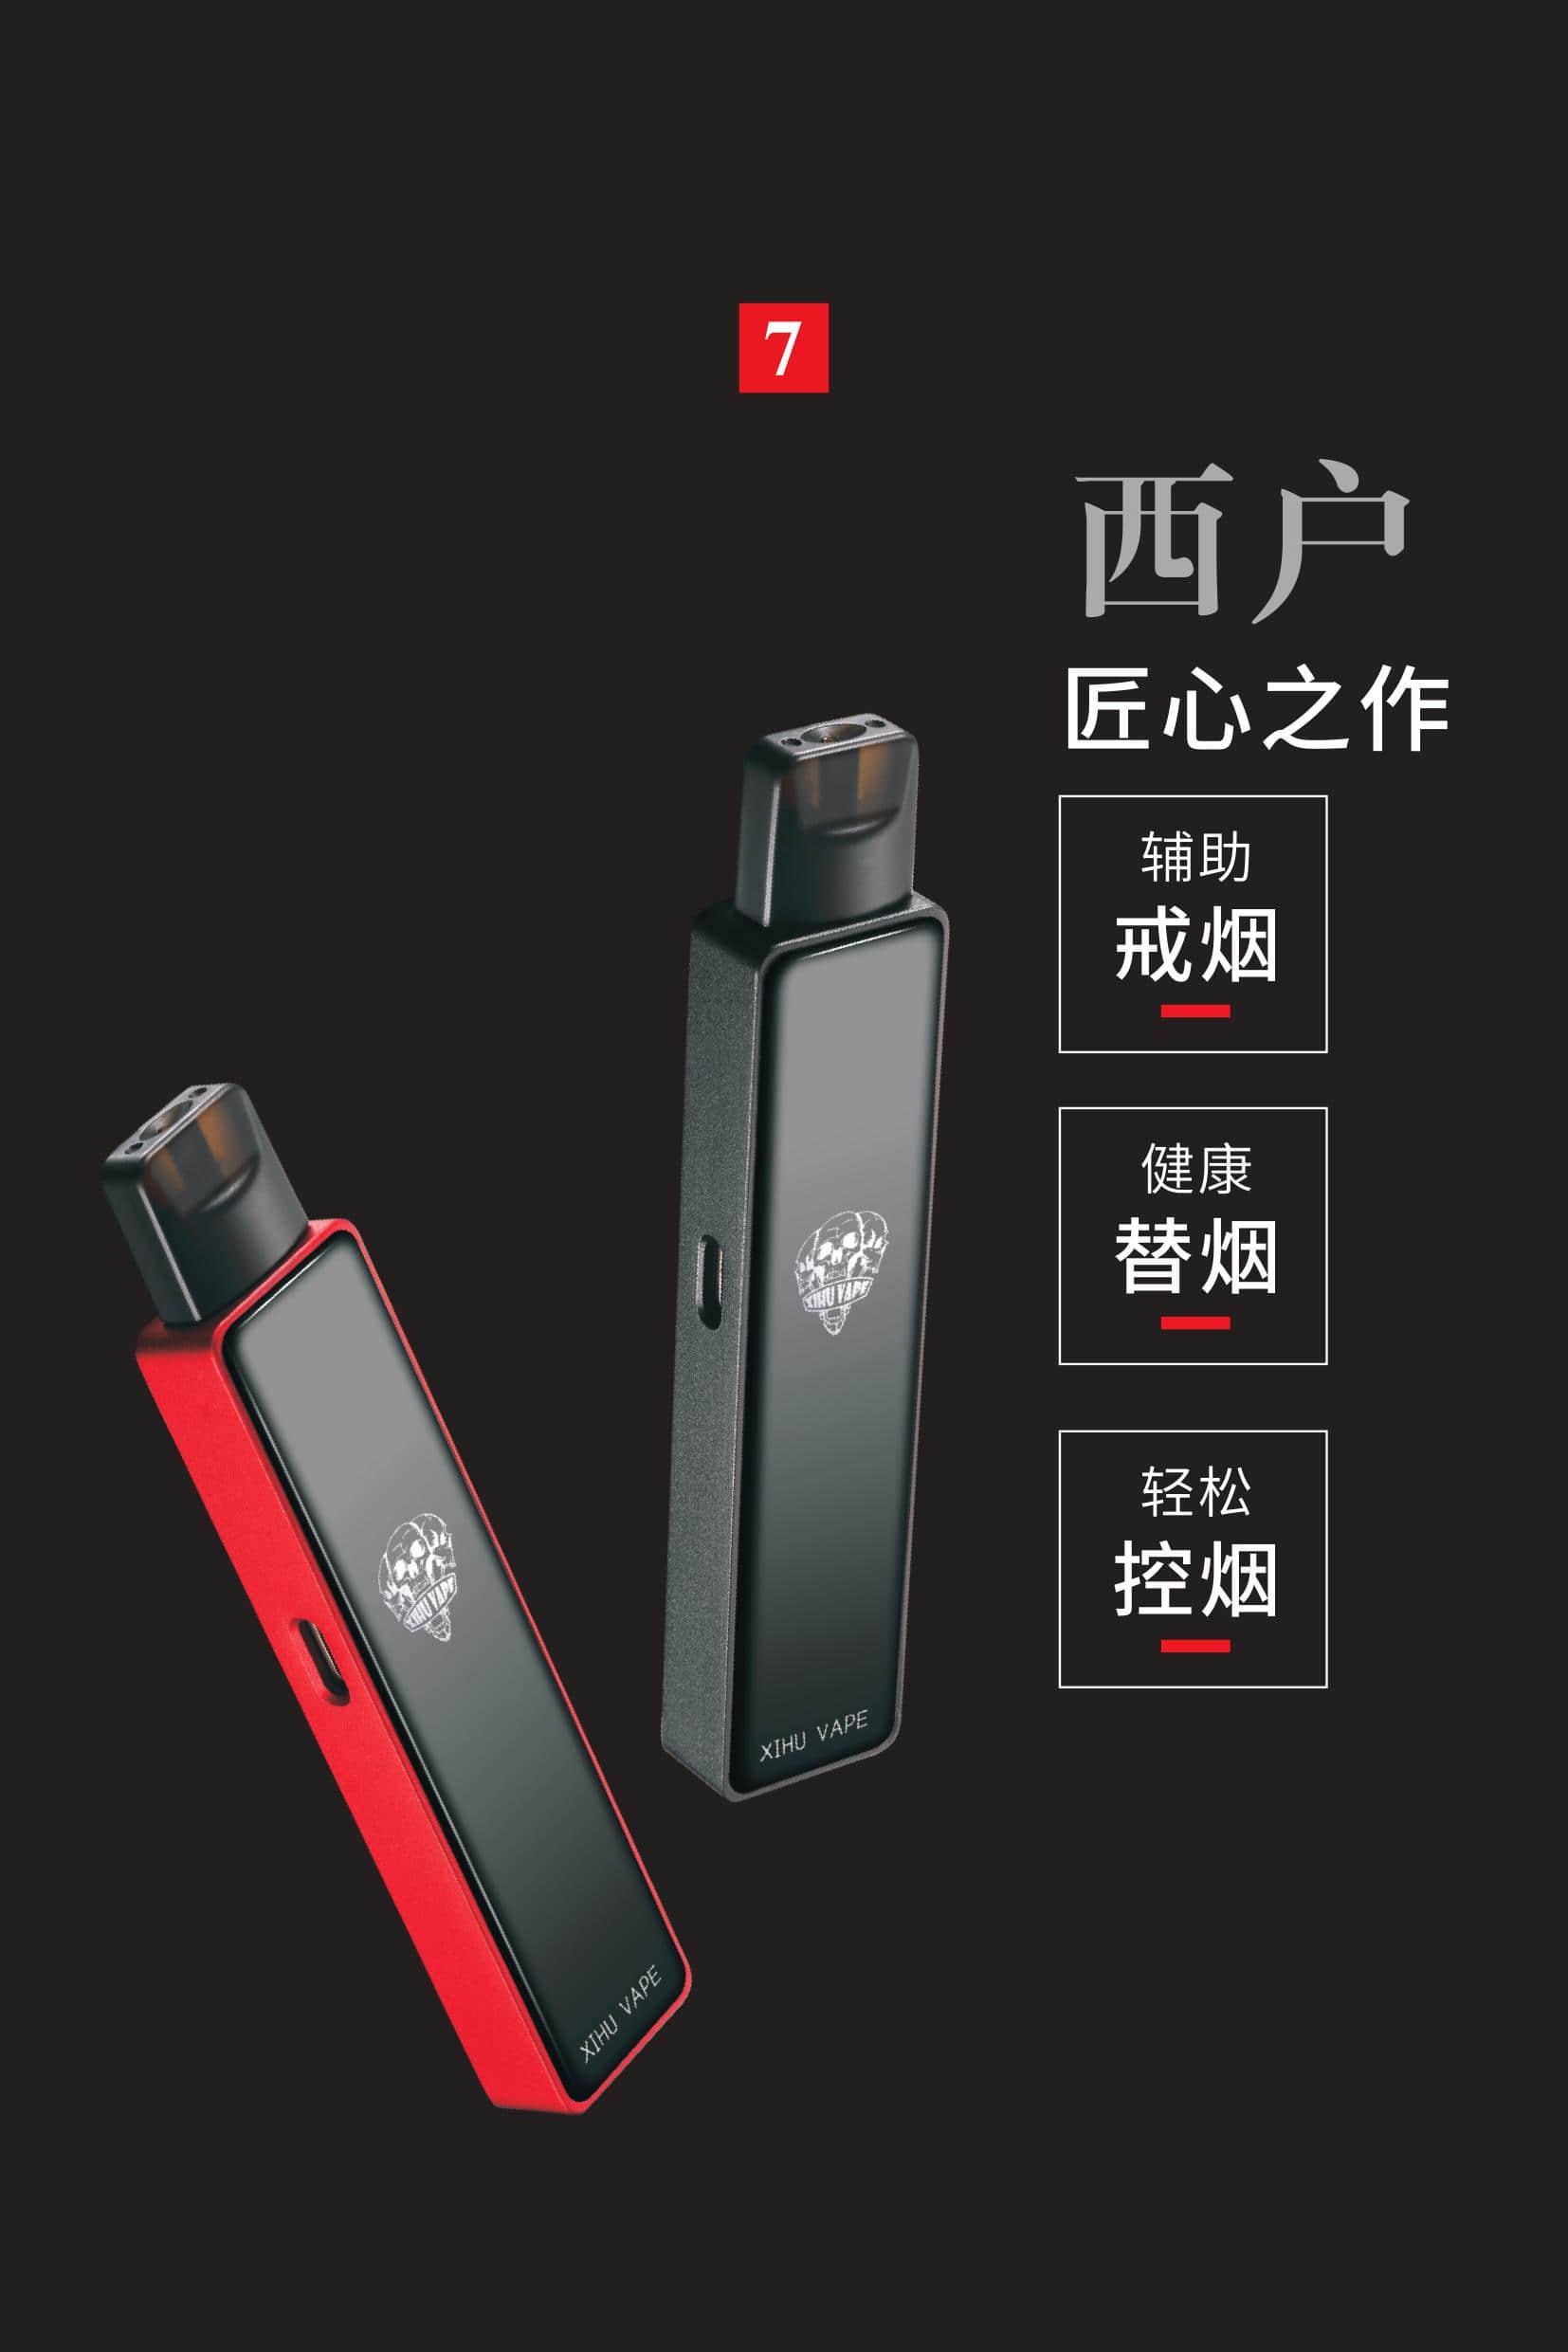 西户VAPE电子烟,戒烟黑科技插图(9)